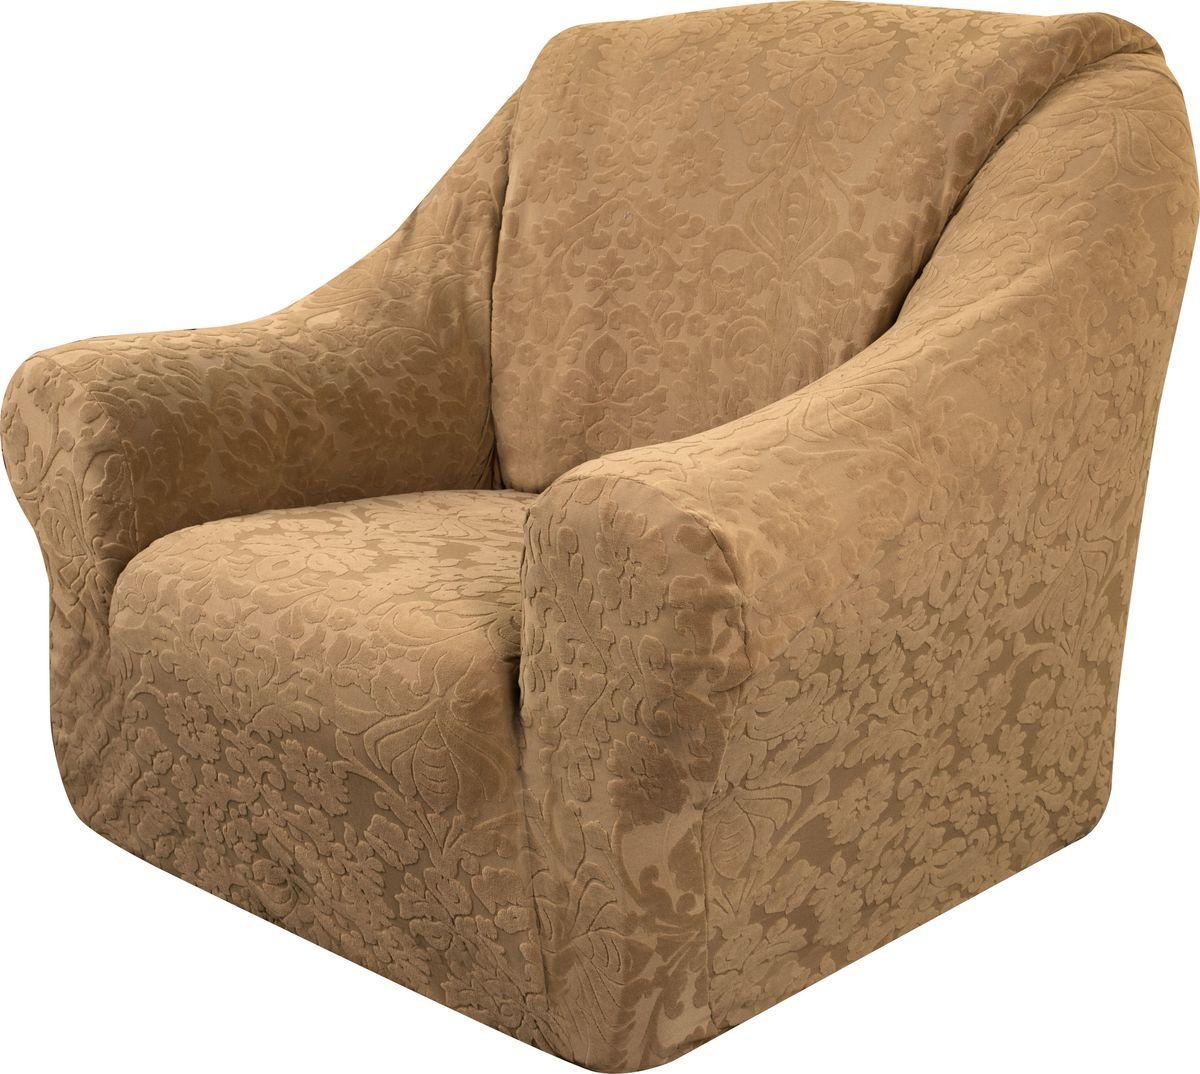 Чехол на кресло Медежда Челтон, цвет: бежевый1401051103000Универсальный чехол на кресло Медежда Челтон изготовлен из стрейчевого жаккарда. Элегантный выпуклый рисунок прекрасно подходит к интерьеру, как в классическом, так и в современном стиле. Тактильное наслаждение, вызываемое тканью, сочетается с эластичностью. Чехол позволяет красиво облегать формы мебели и выглядеть как дорогая обивка, выполненная на заказ.Чехол легко растягивается, хорошо принимает форму кресла и подходит для стандартных кресел с шириной спинки от 80 см до 110 см и высотой не более 95 см. За счет специальных фиксаторов чехол прочно держится на мебели, не съезжает и не соскальзывает.